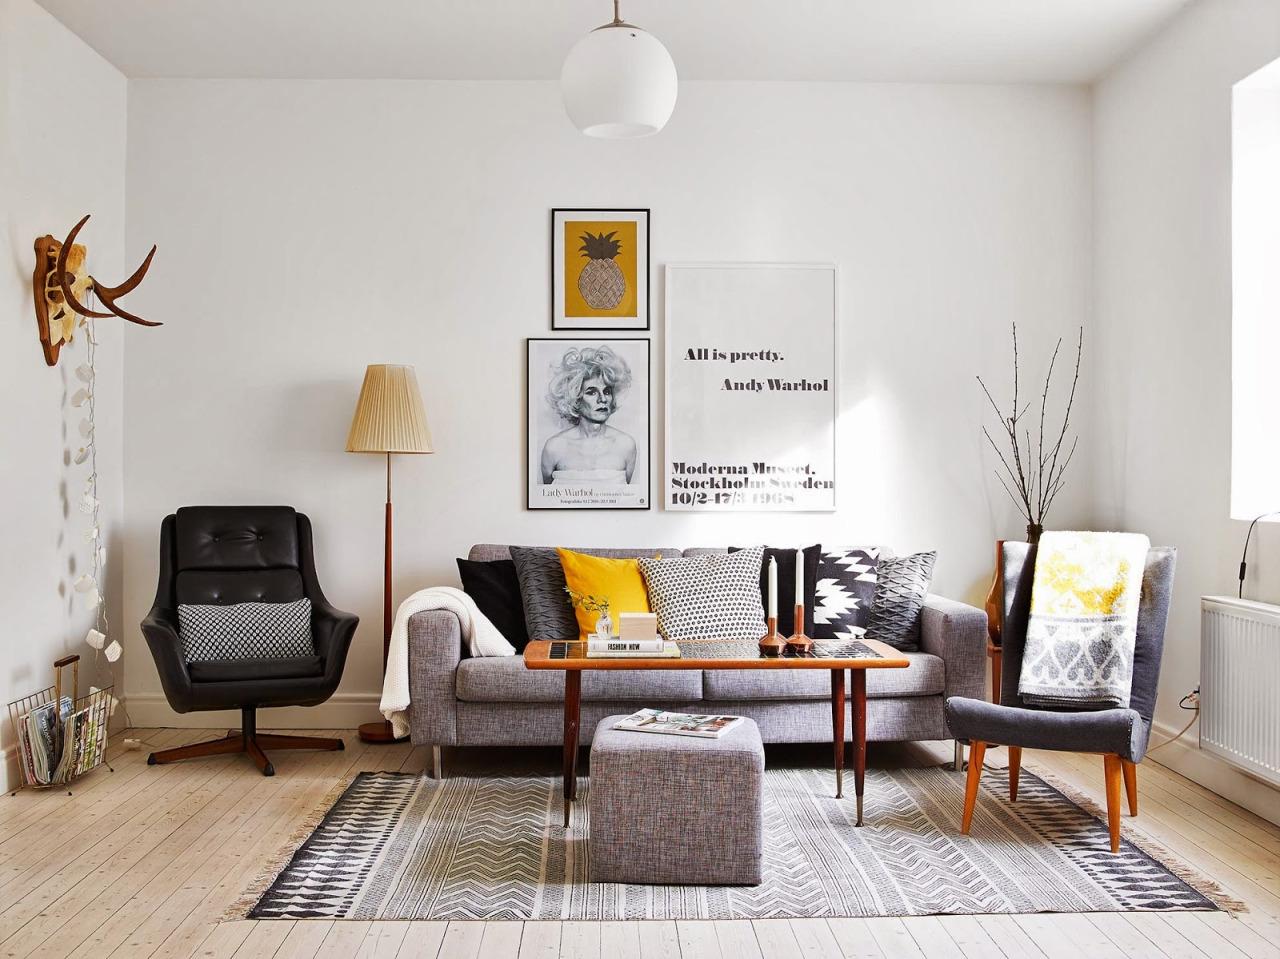 大人気の北欧家具!!ソファーはどこのブランドがオススメ?のサムネイル画像